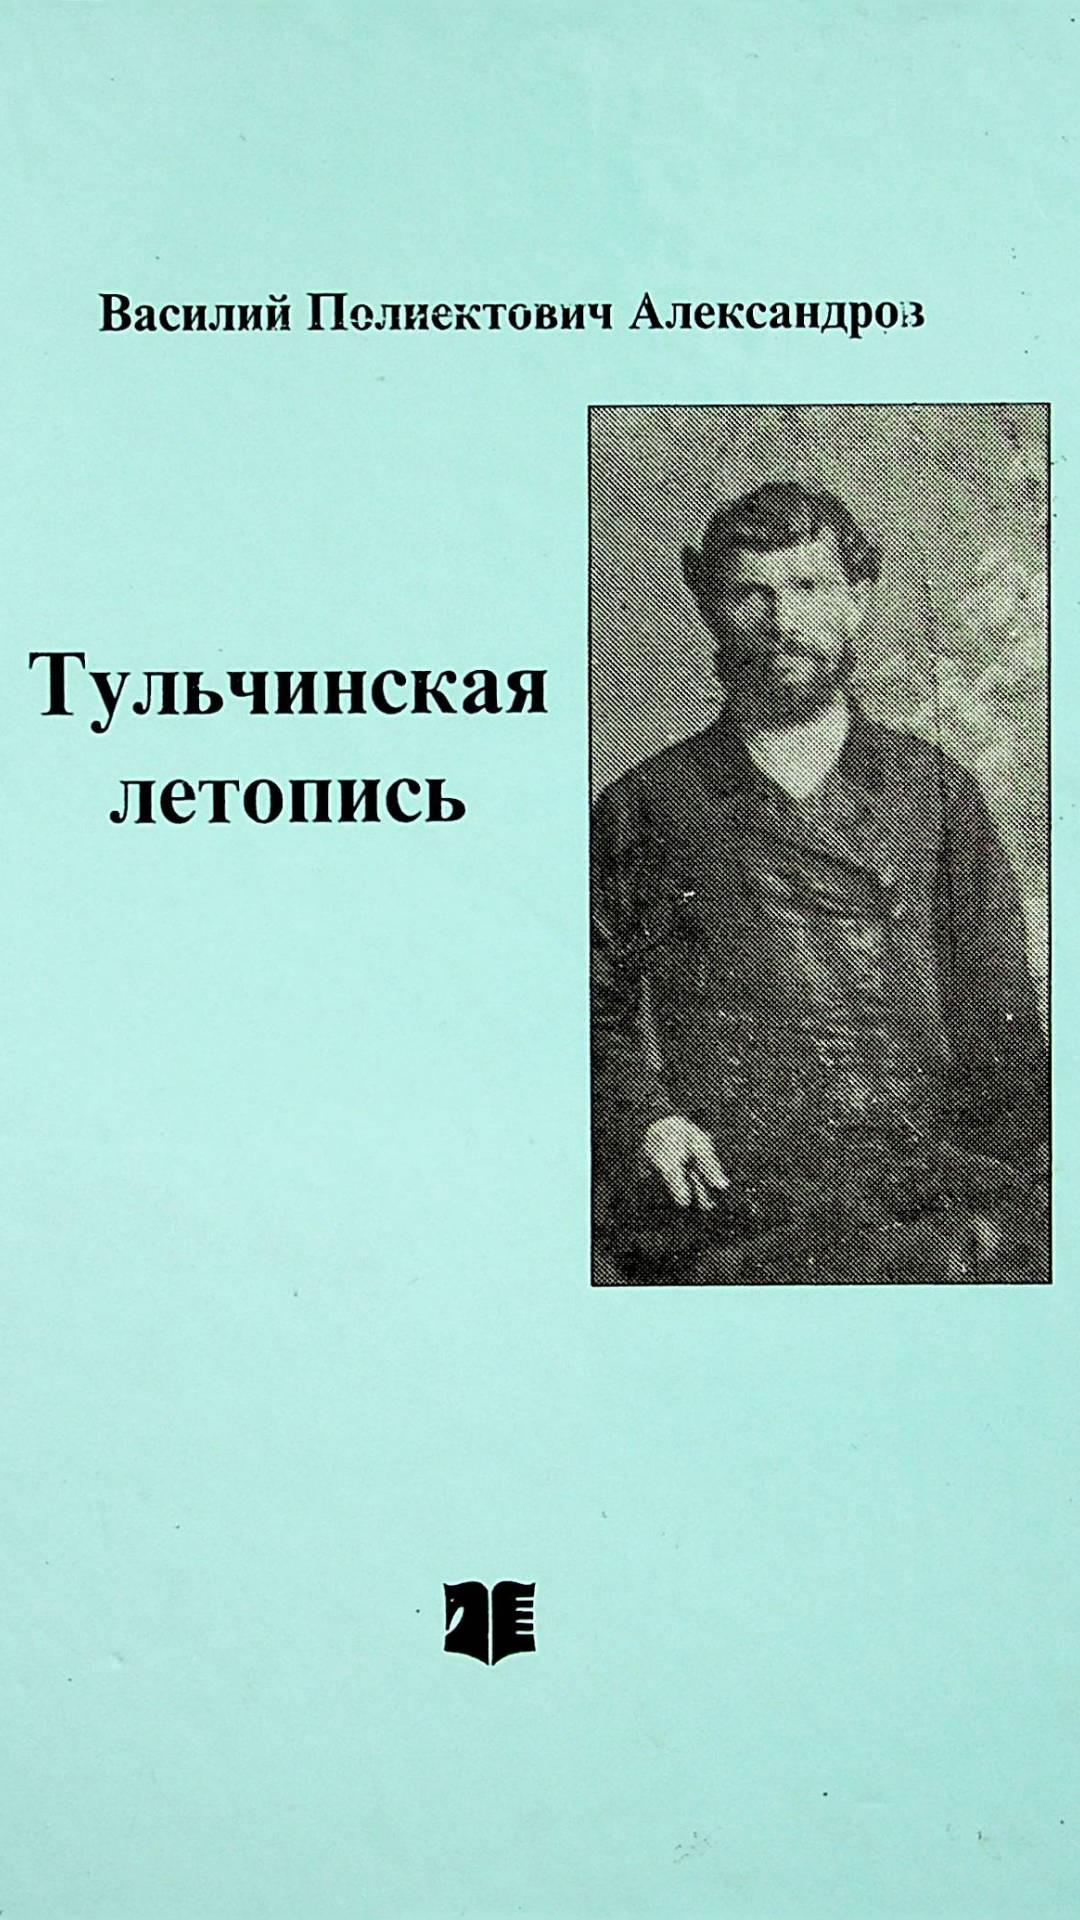 Тульчинская летопись